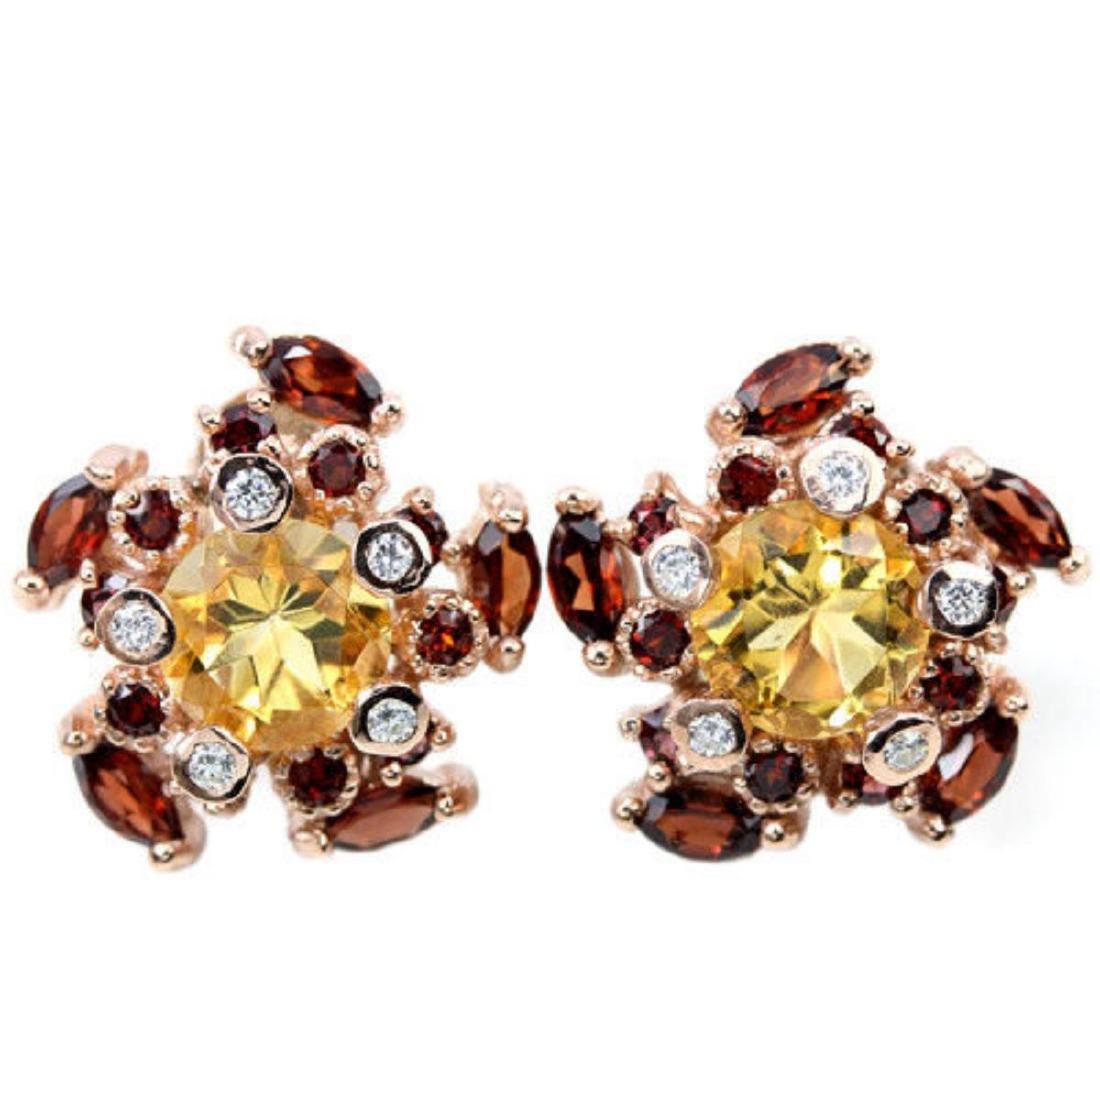 NATURAL MULTI COLOR CITRINE GARNET Earrings